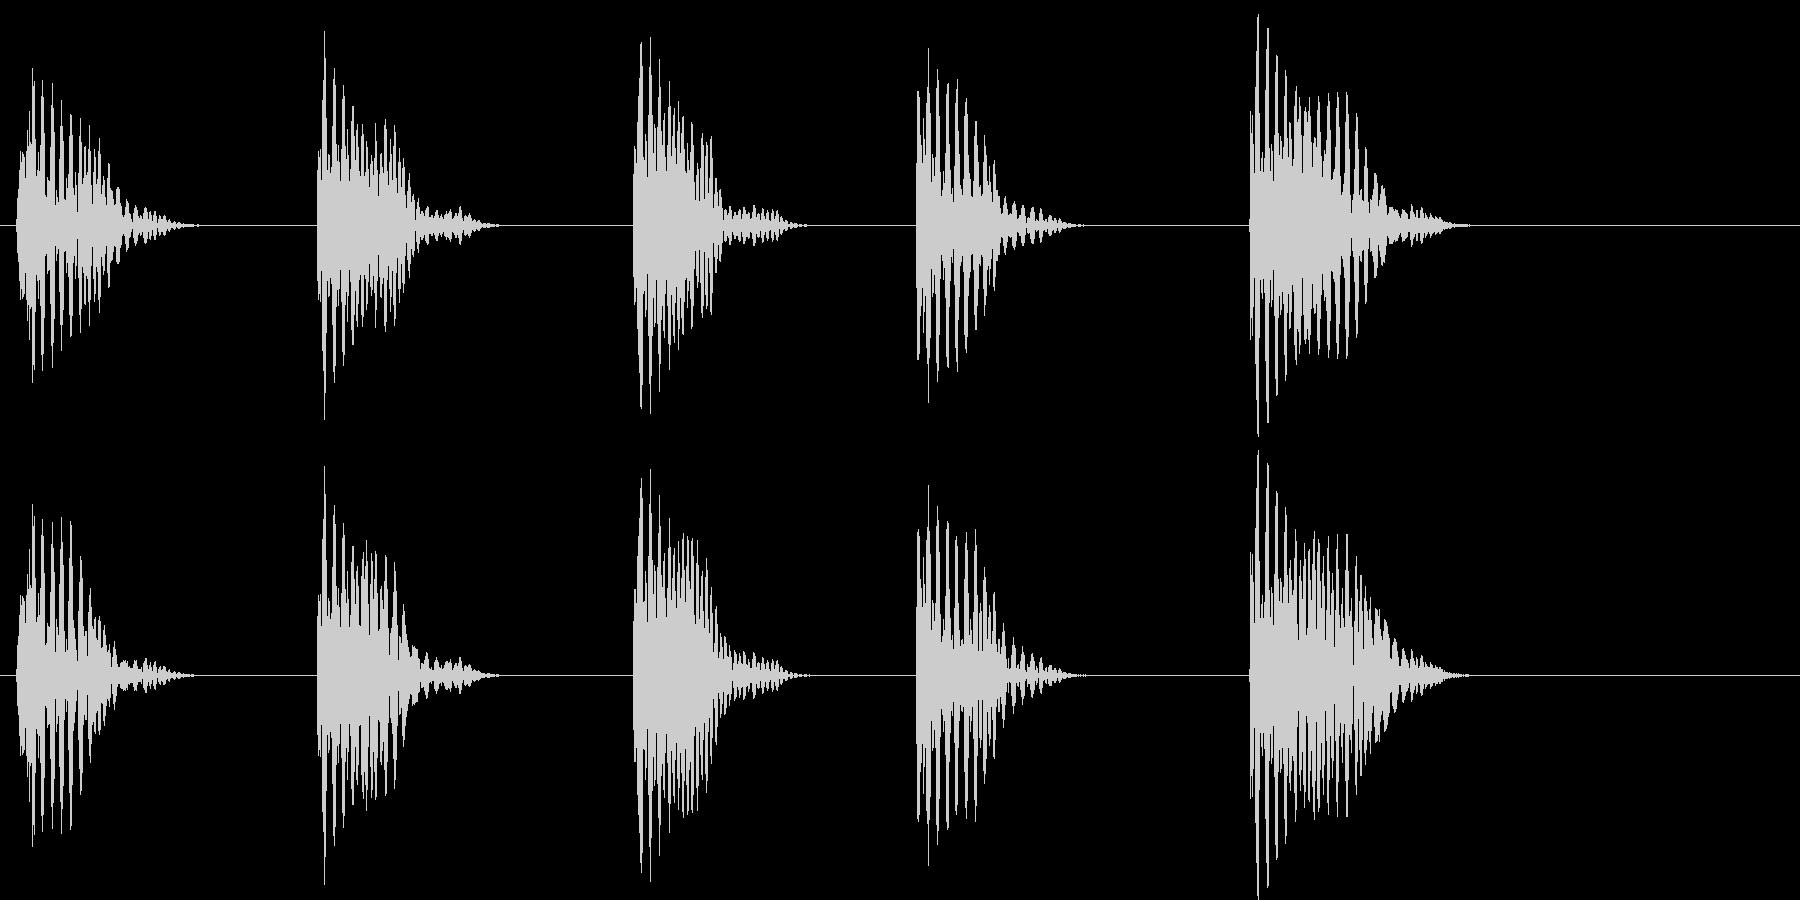 【SE 効果音】ポッポッポッポッポの未再生の波形